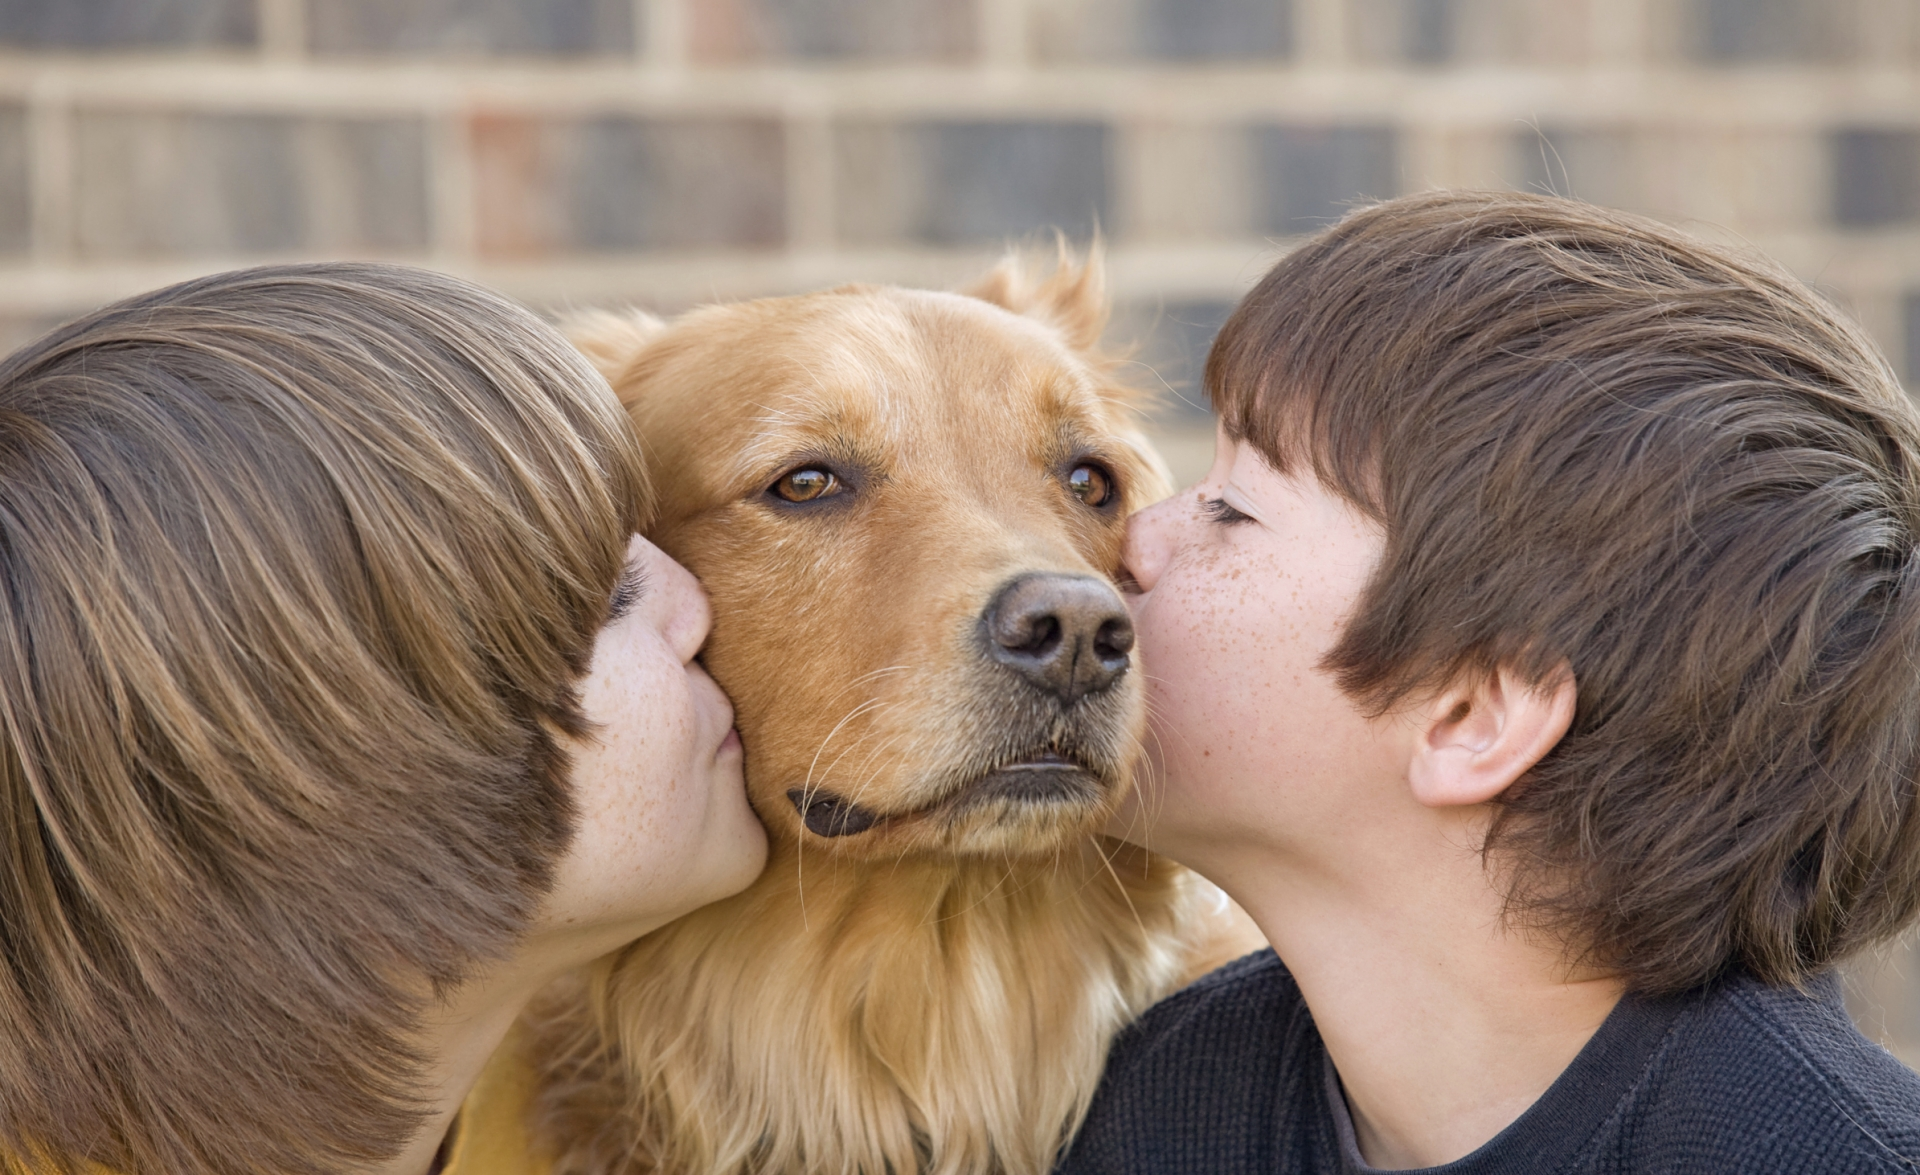 Tener Mascota Ayuda A La Salud